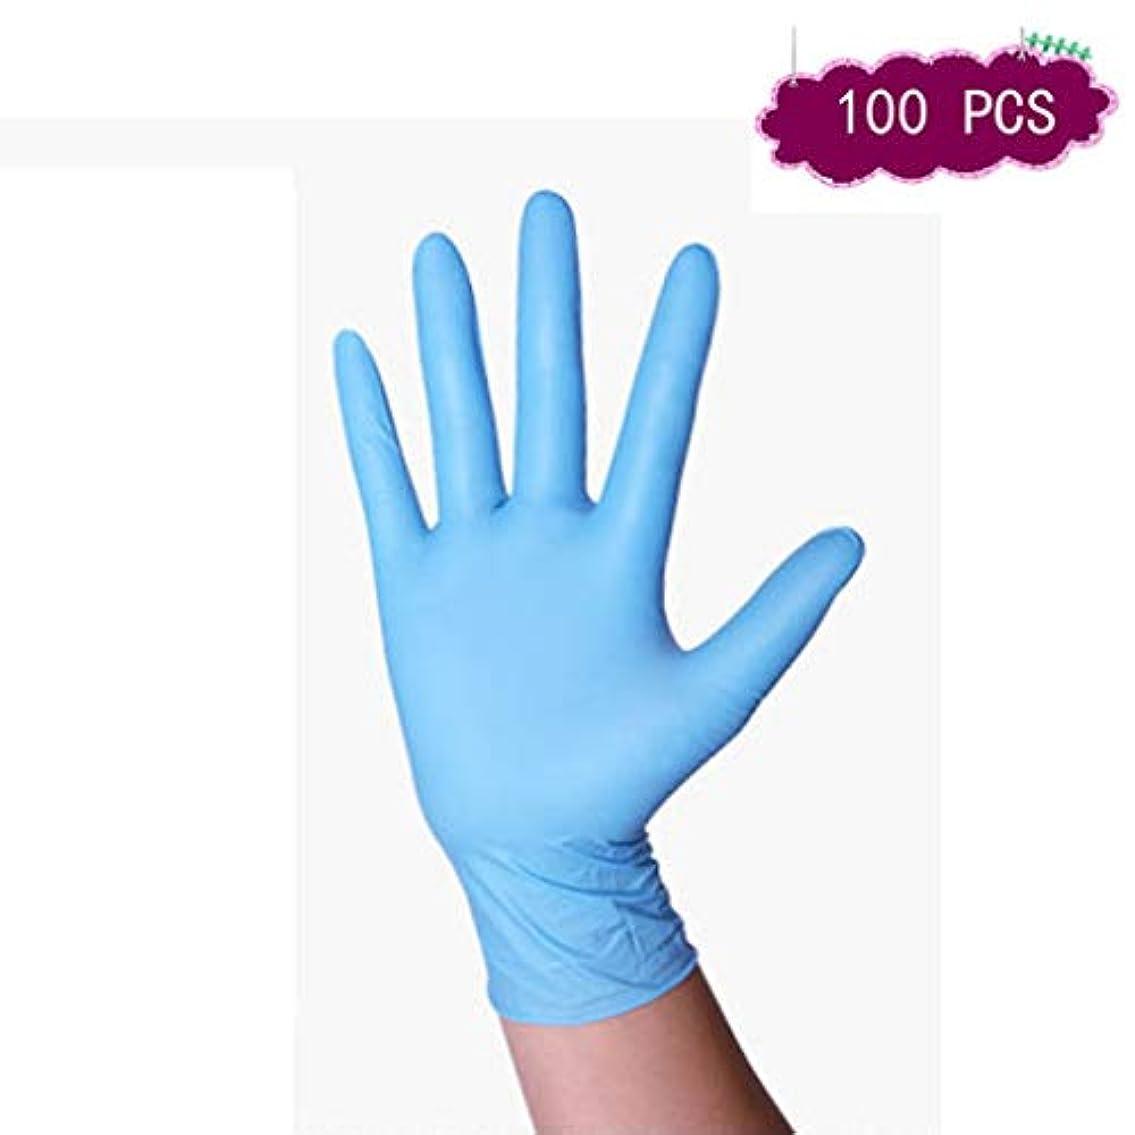 温室ビヨンアンテナ使い捨てラテックス手袋ニトリルパウダーフリーの耐久性のある青の保護食品研究所のスキッド手袋なしパウダー (Color : 9 inch, Size : L)